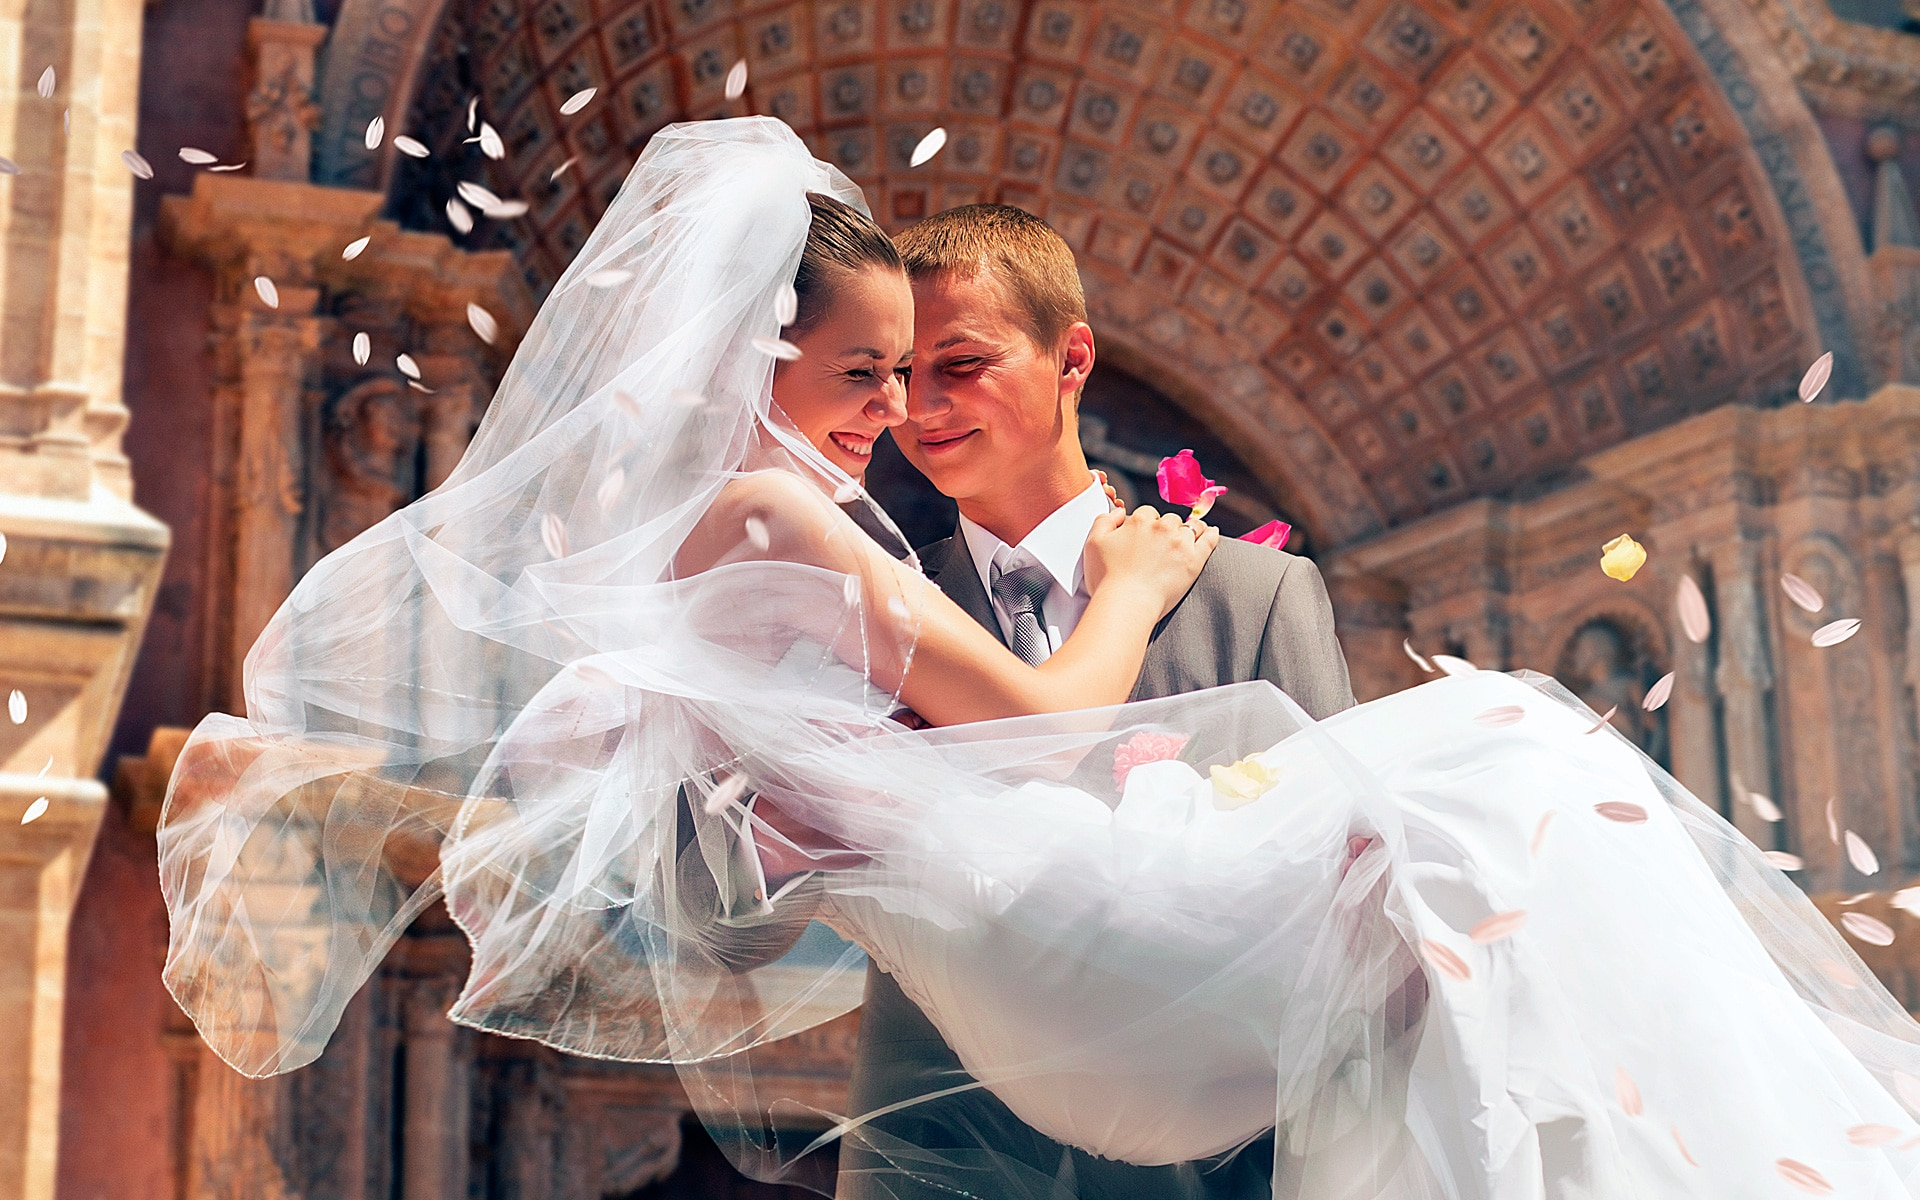 Matrimonio Nella Toscana : Matrimonio romantico in toscana nella splendida val d orcia